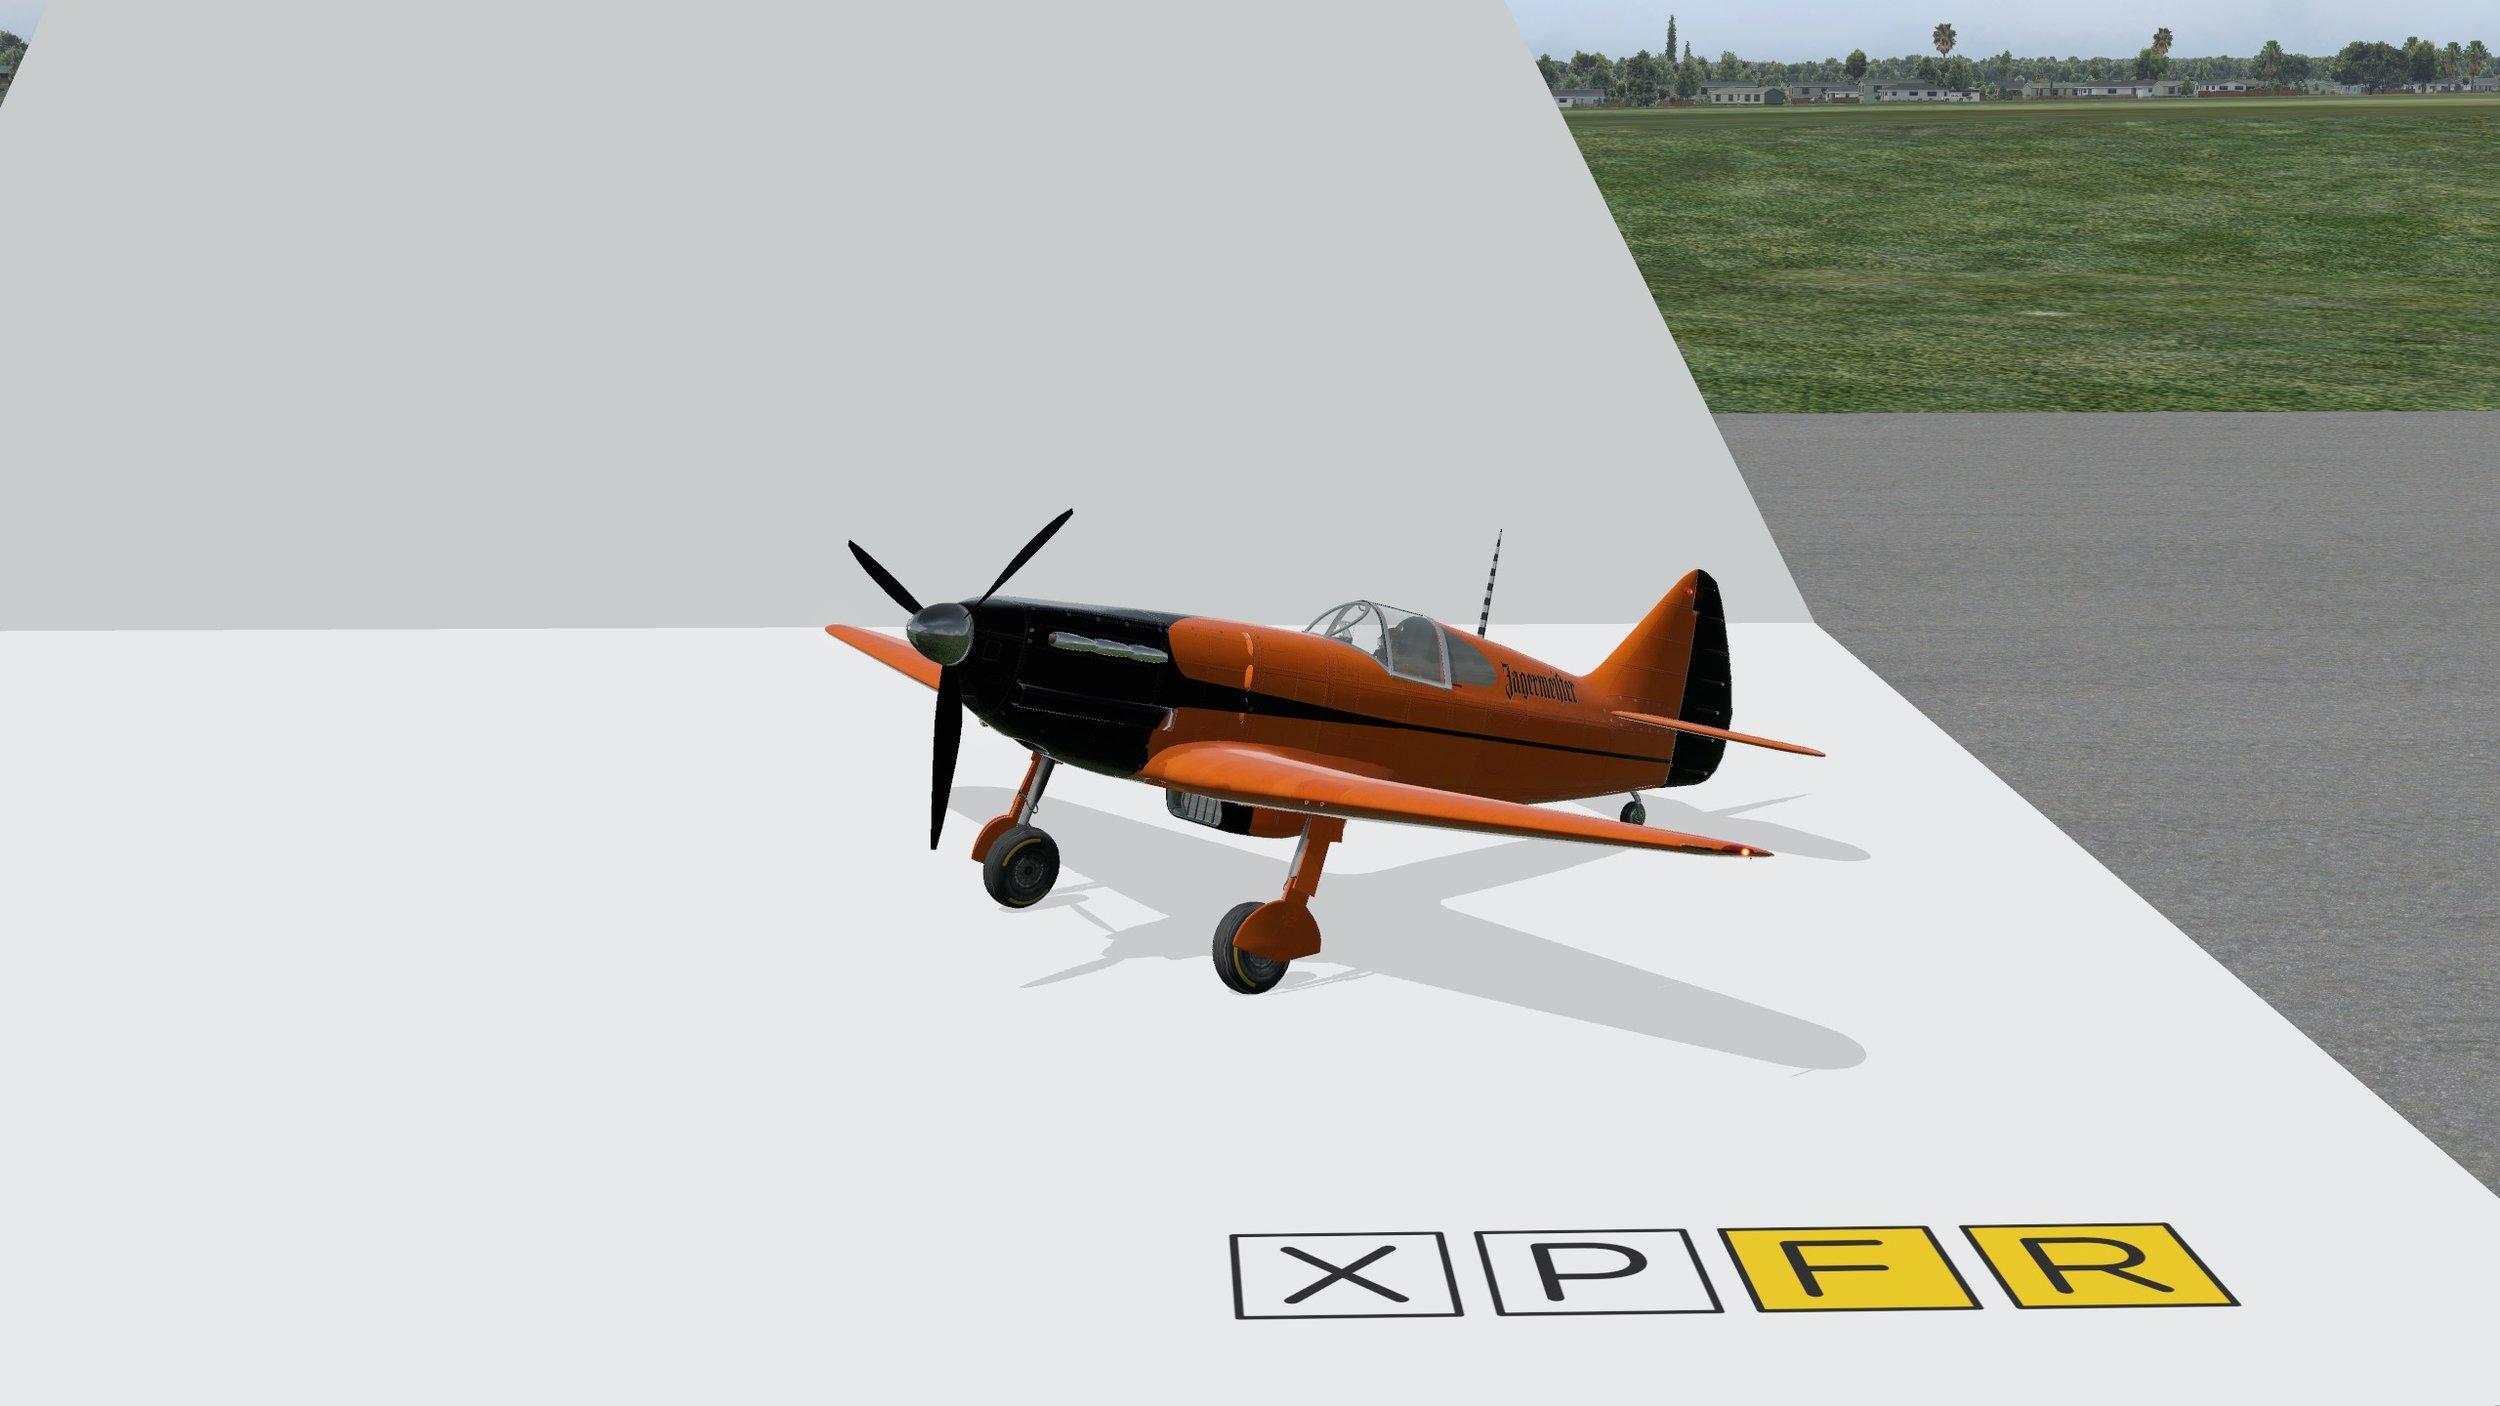 D520_auto_14 (2).jpg